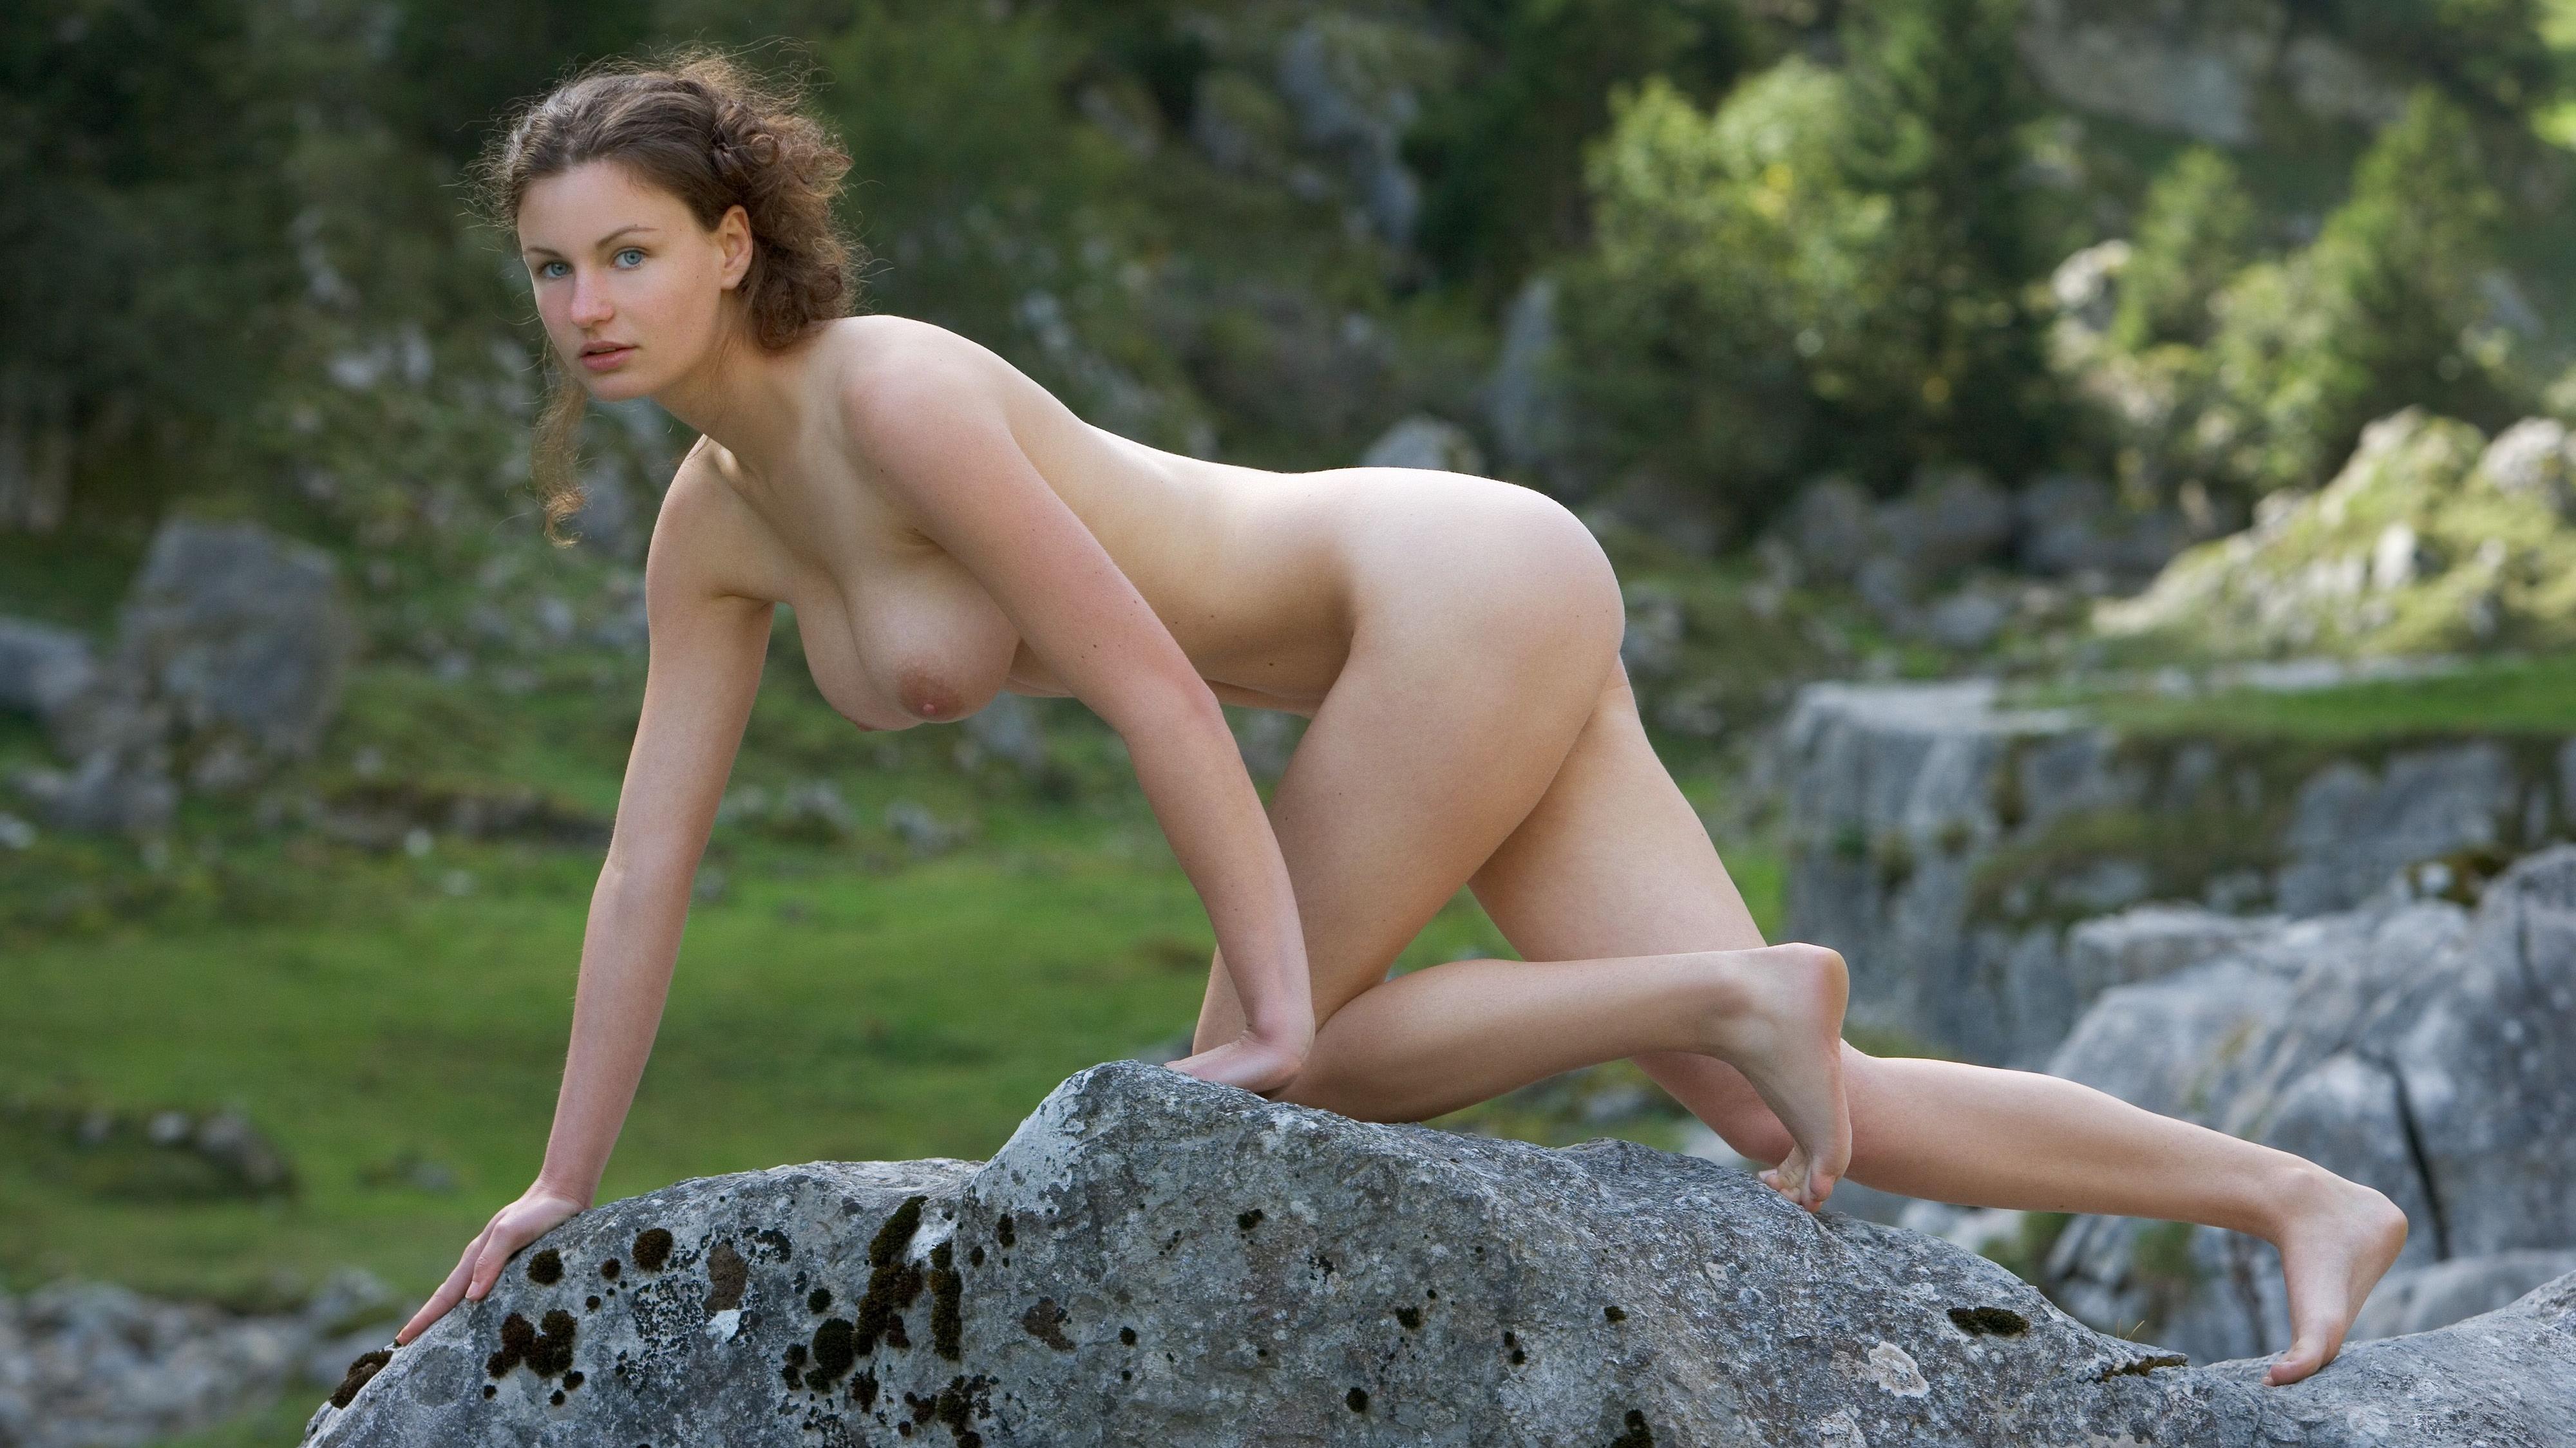 Femjoy asrael sex, choti naked picture